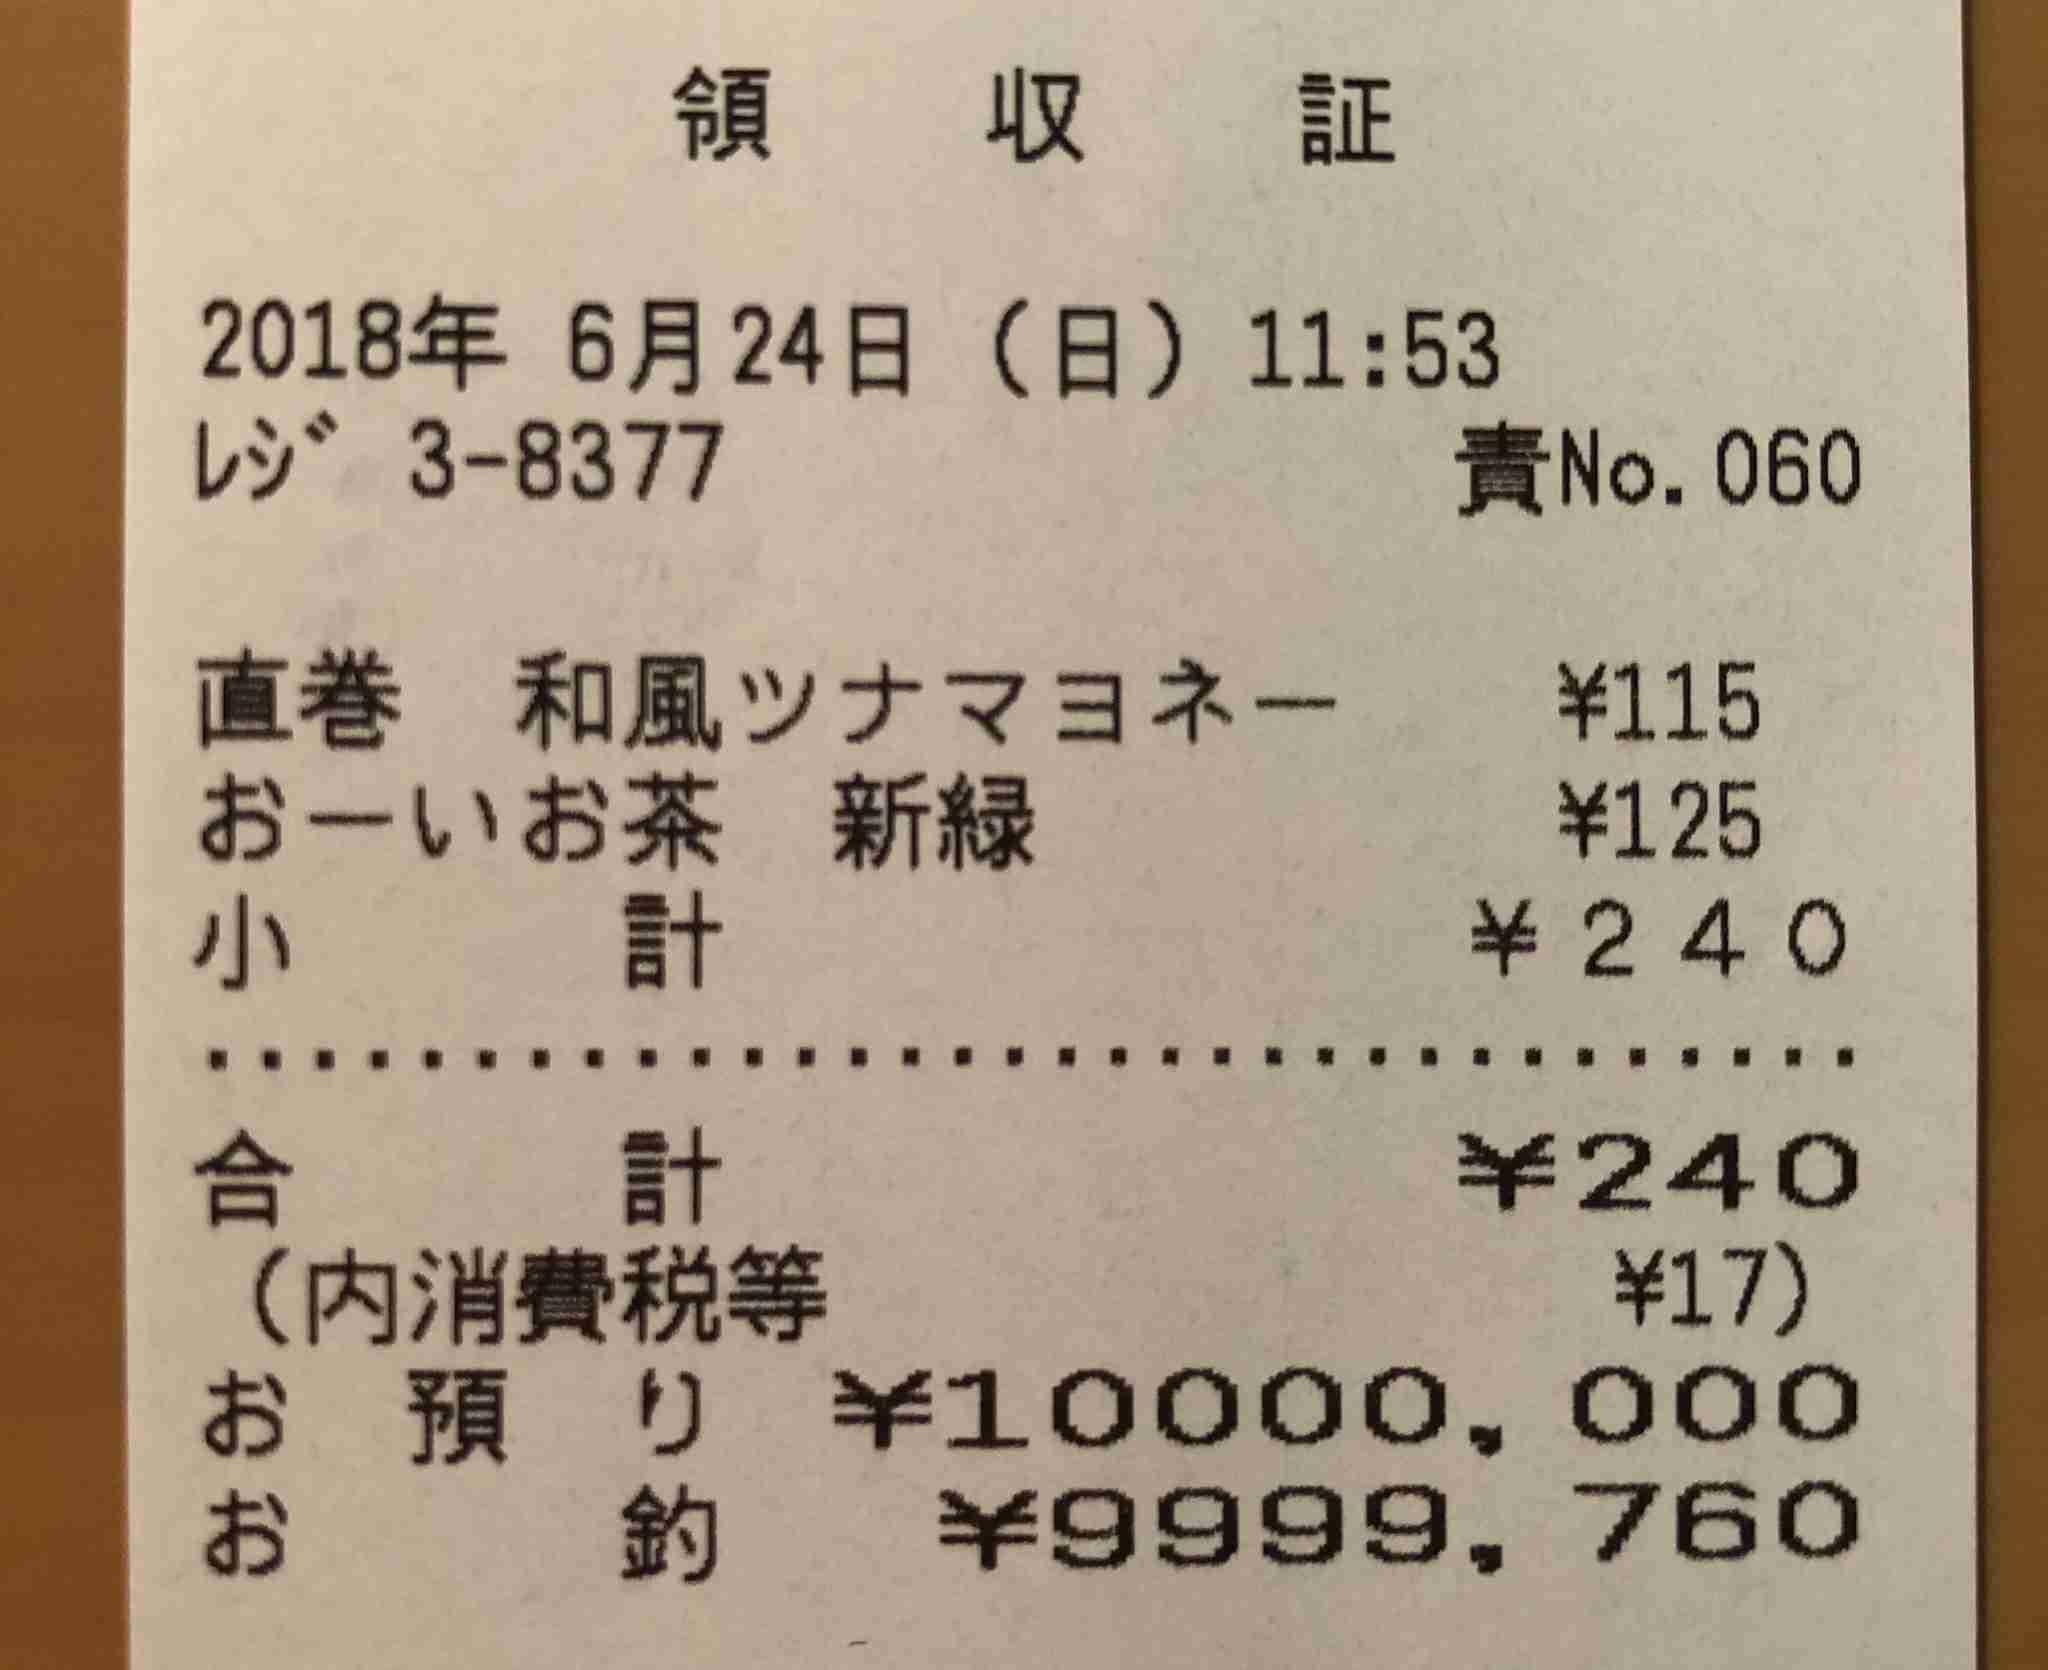 スーパーのレジでの面白出来事!